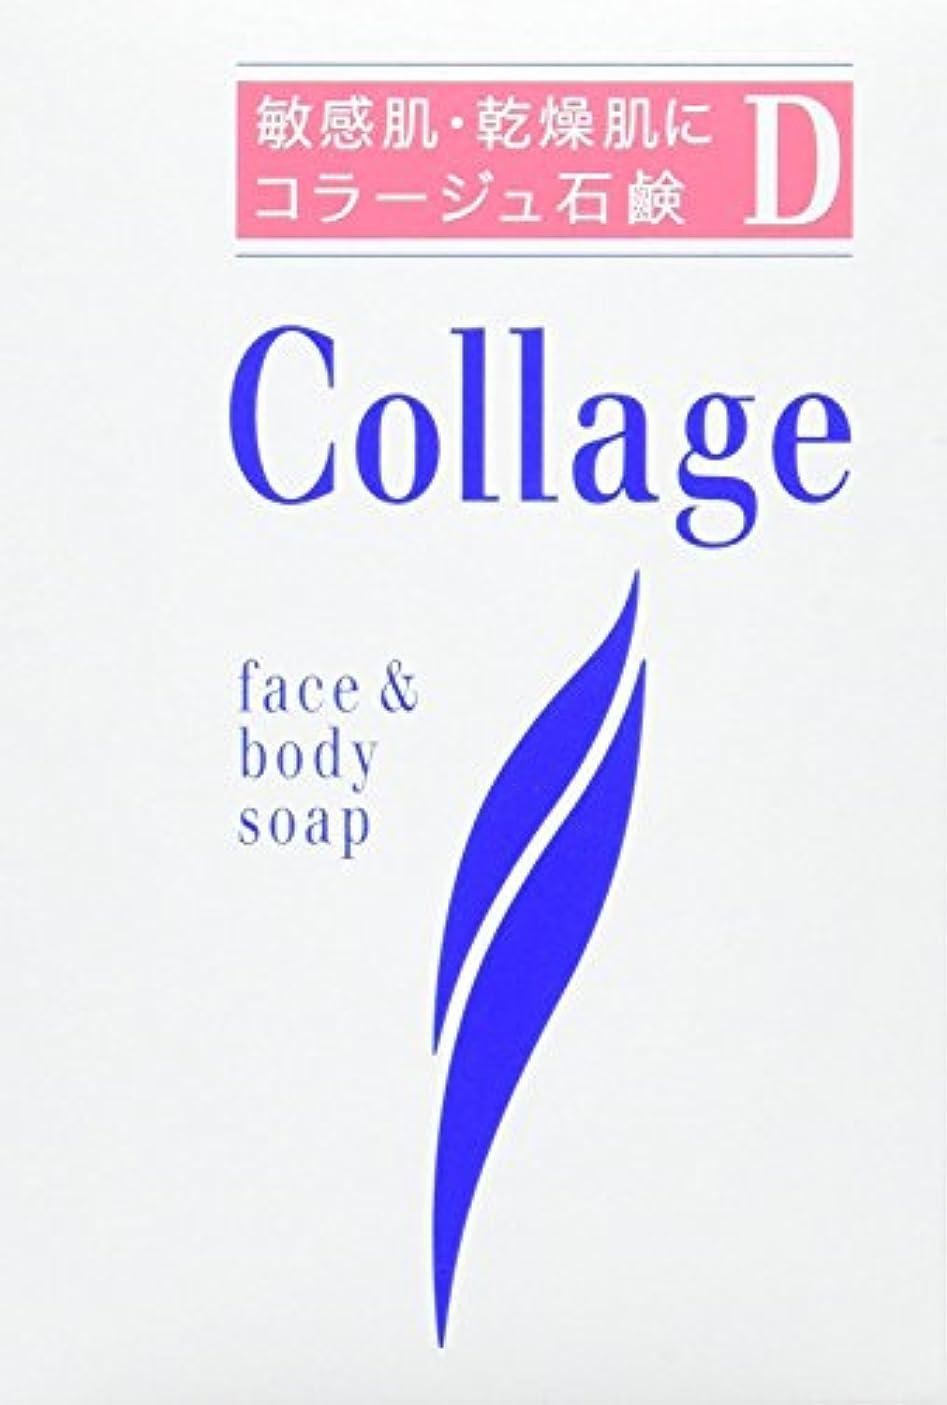 まっすぐビヨン泥コラージュ D乾性肌用石鹸 100g×6個